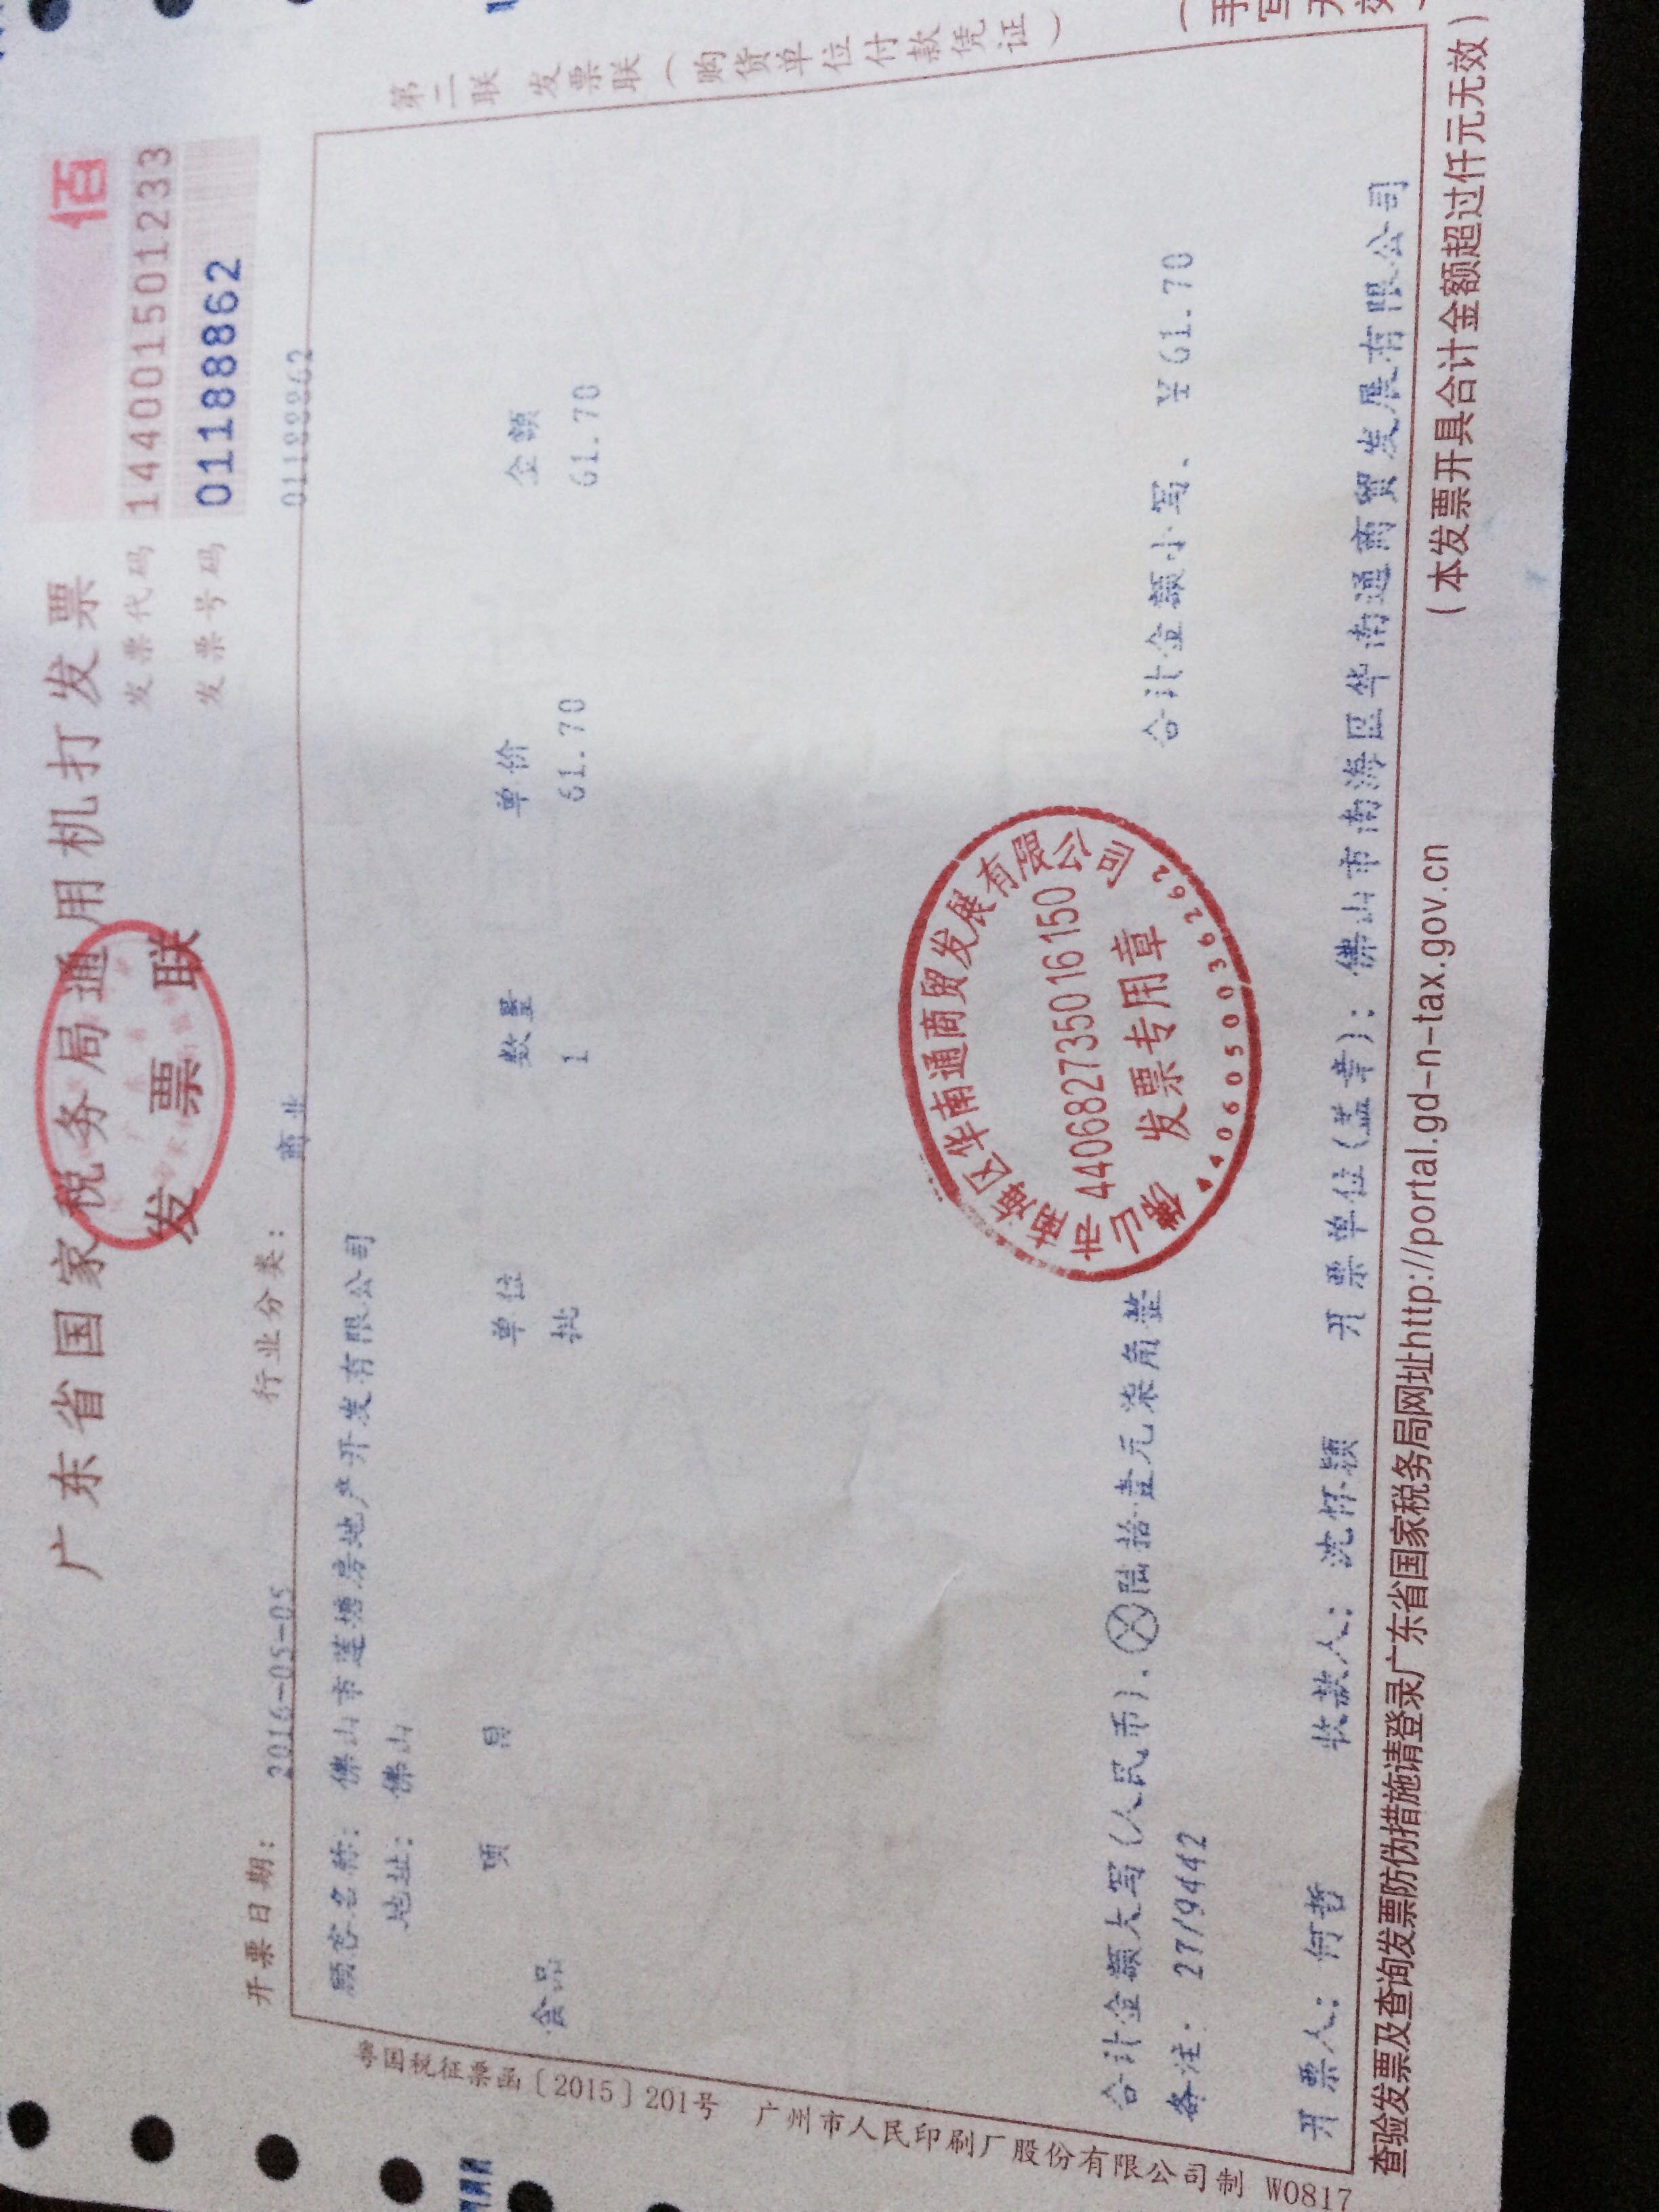 营改增后普通增值税发票和专用增值税发票的区别